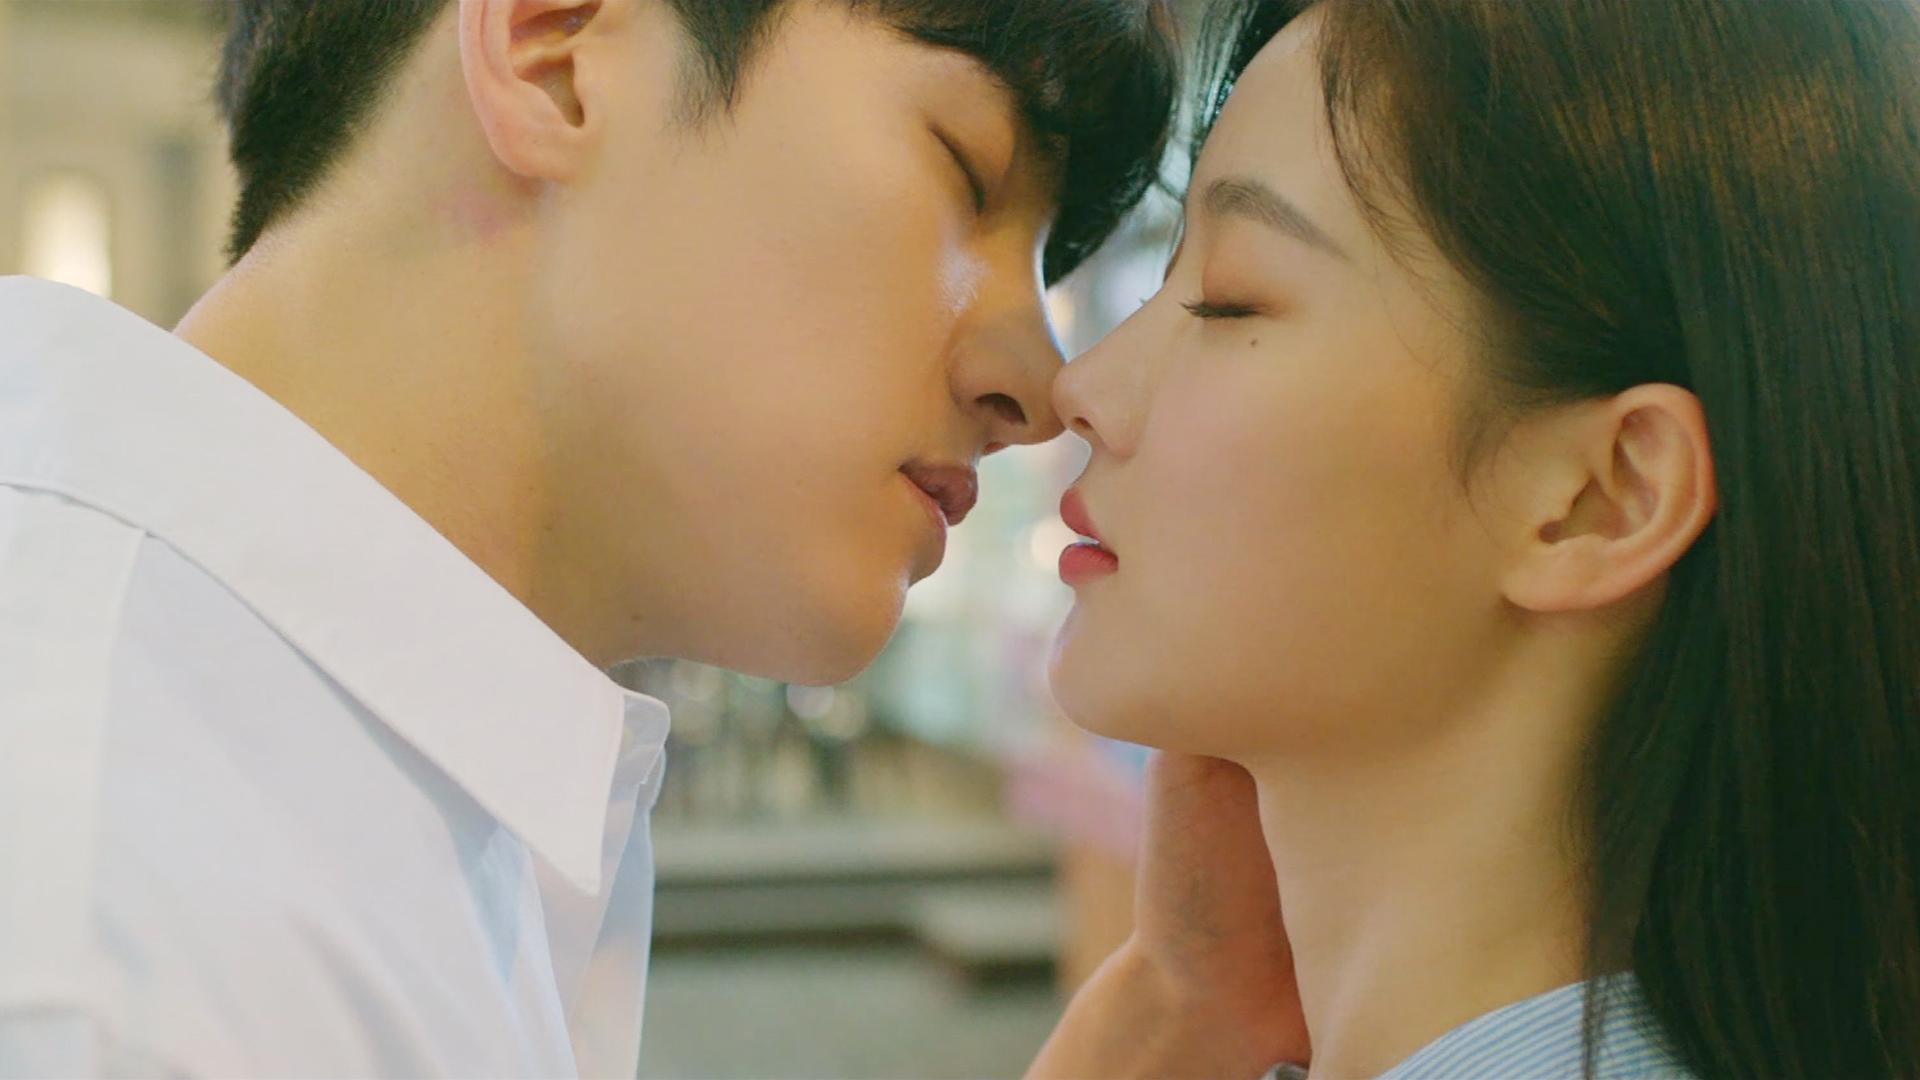 [최종화 엔딩] 지창욱김유정, 시청자들 마음 불태운 키스 엔딩!